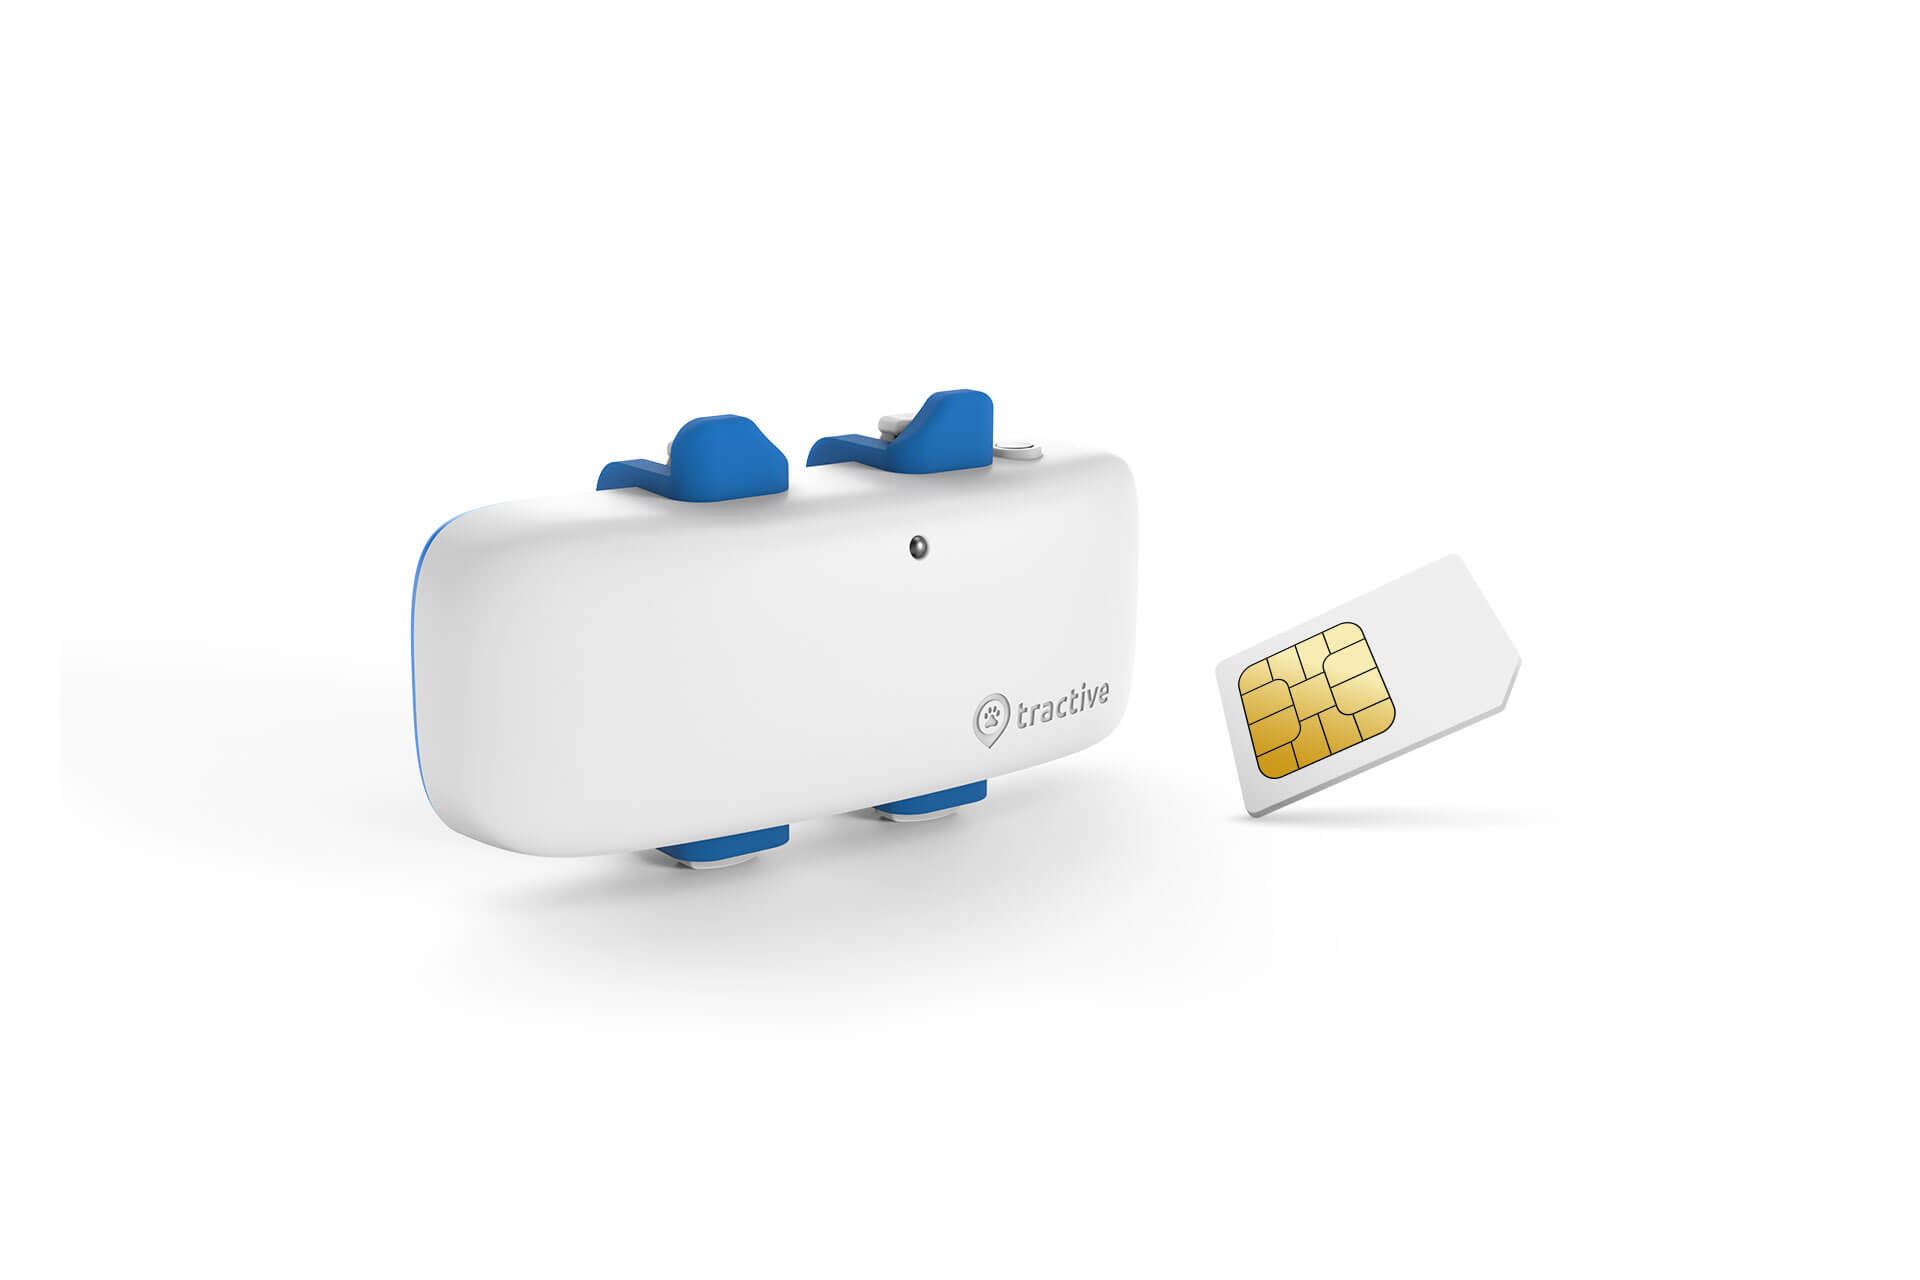 Traceurs GPS sans carte SIM : Questions et réponses